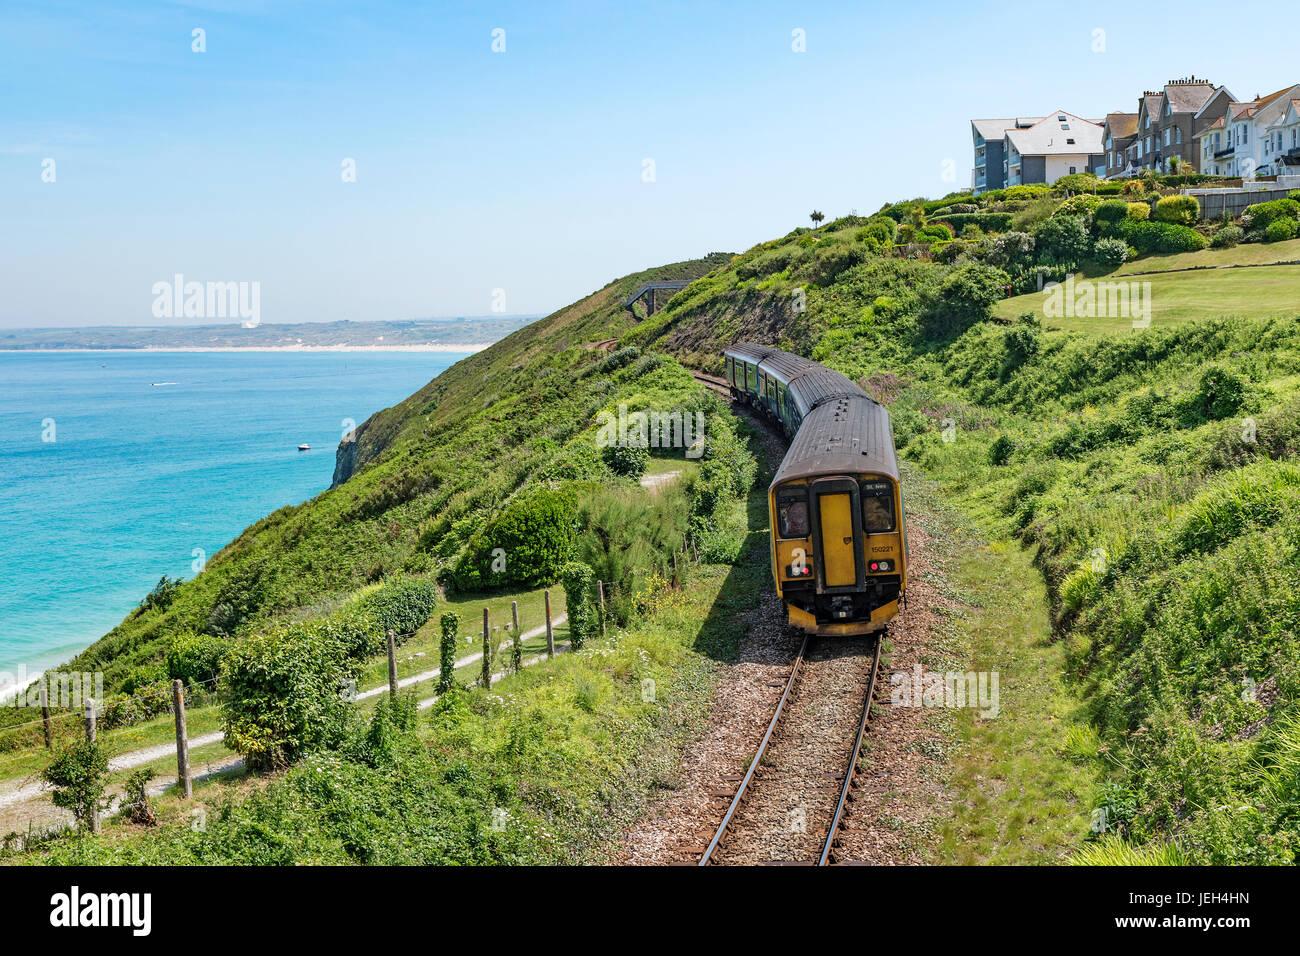 La direction de St Ives.ligne de chemin de fer passant Carbis Bay à Cornwall, Angleterre, Grande-Bretagne, Photo Stock